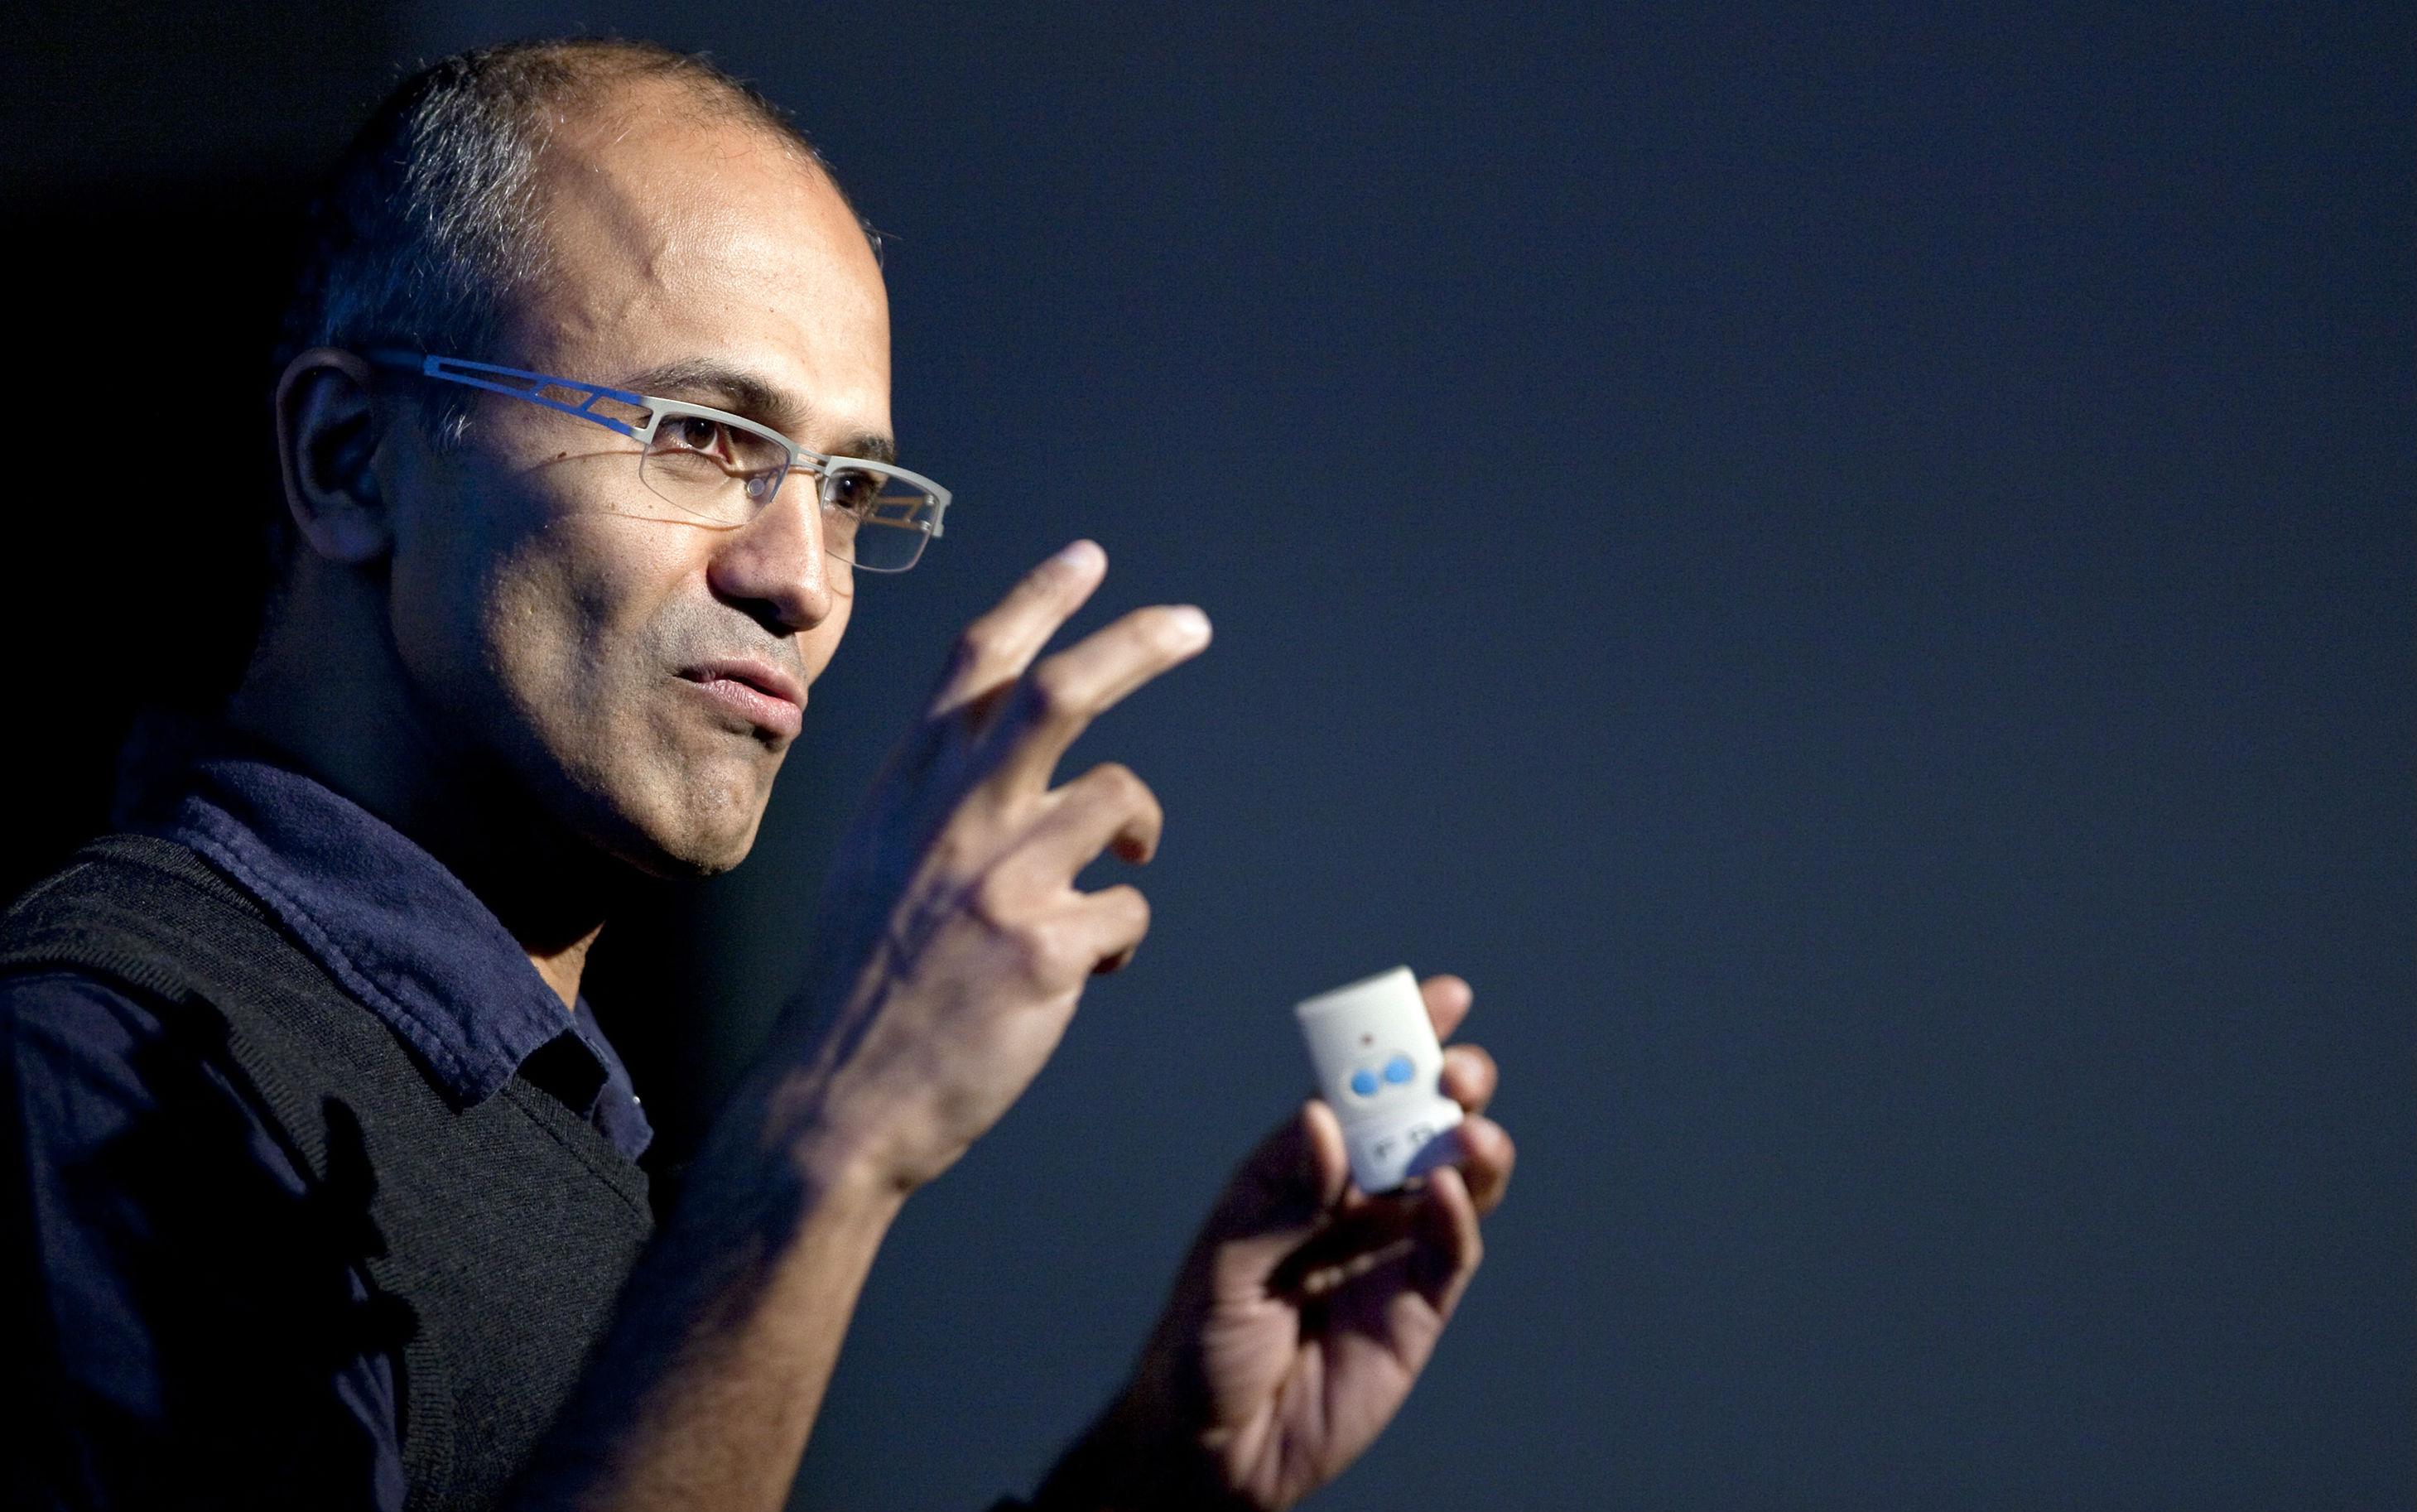 satya3 - Apple iPad Air sẽ có nâng cấp chip A8 và Touch ID trong 2014